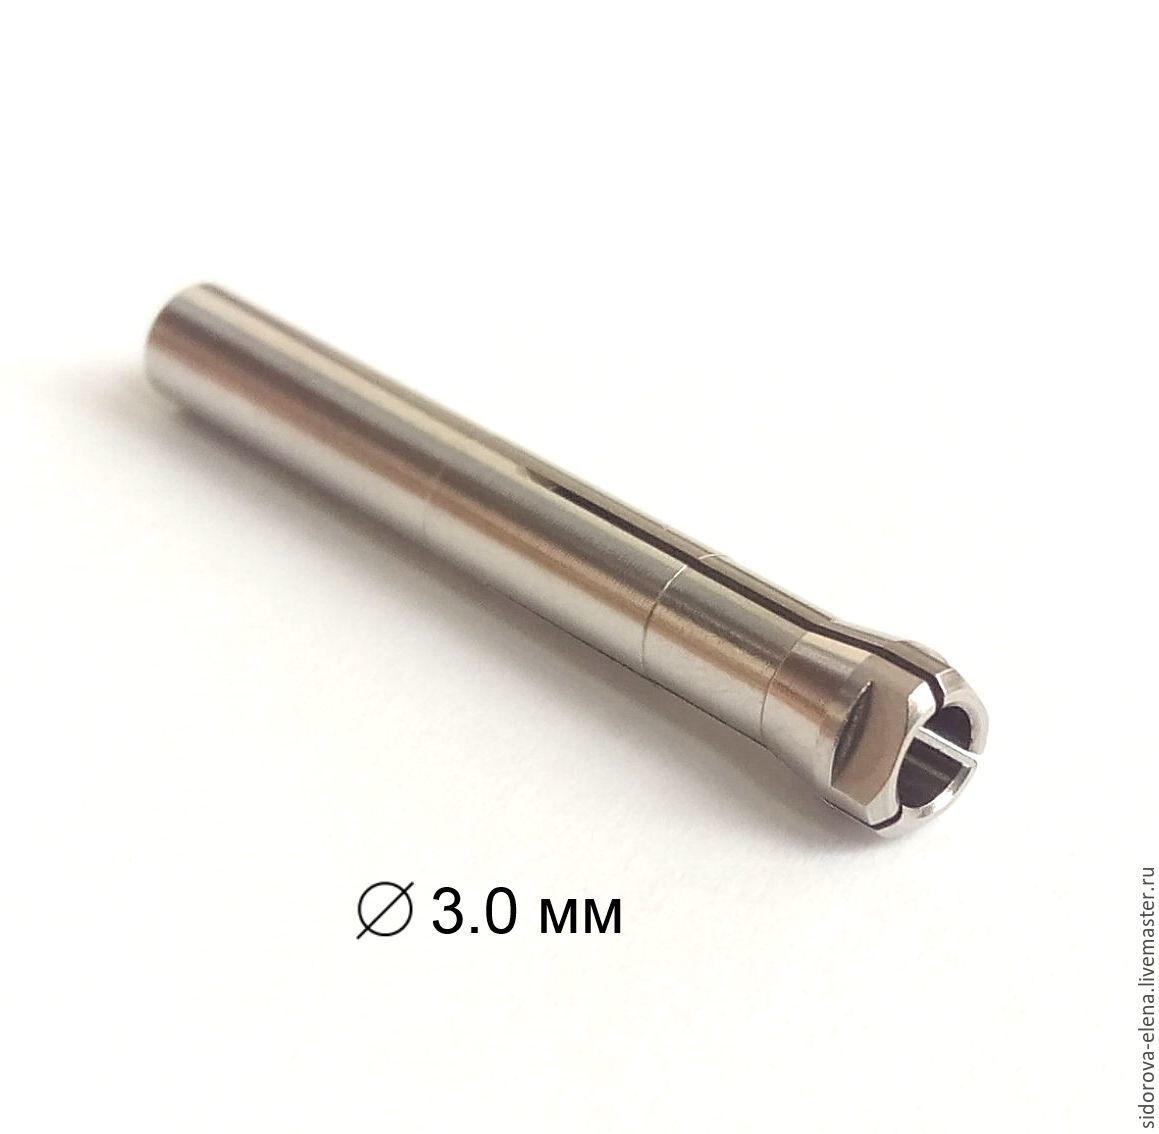 Цанга высокоточная для зажимных патронов с коническим хвостовиком системы mk2 cmt 12300001 и